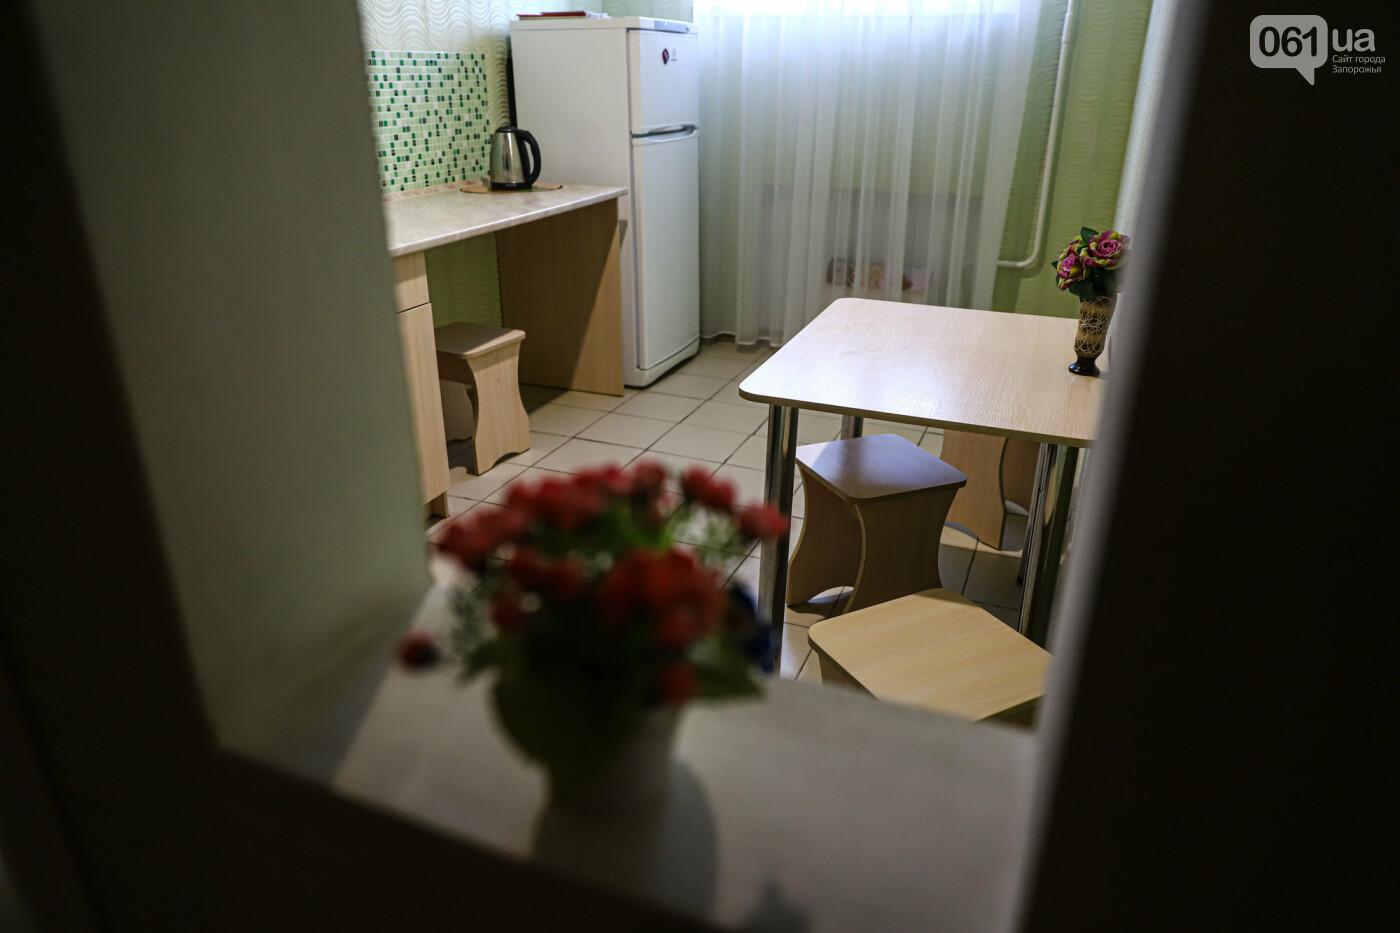 Второй шанс, свадебное платье и слезы отца: другой взгляд на женскую колонию в Запорожской области – ФОТО, фото-30